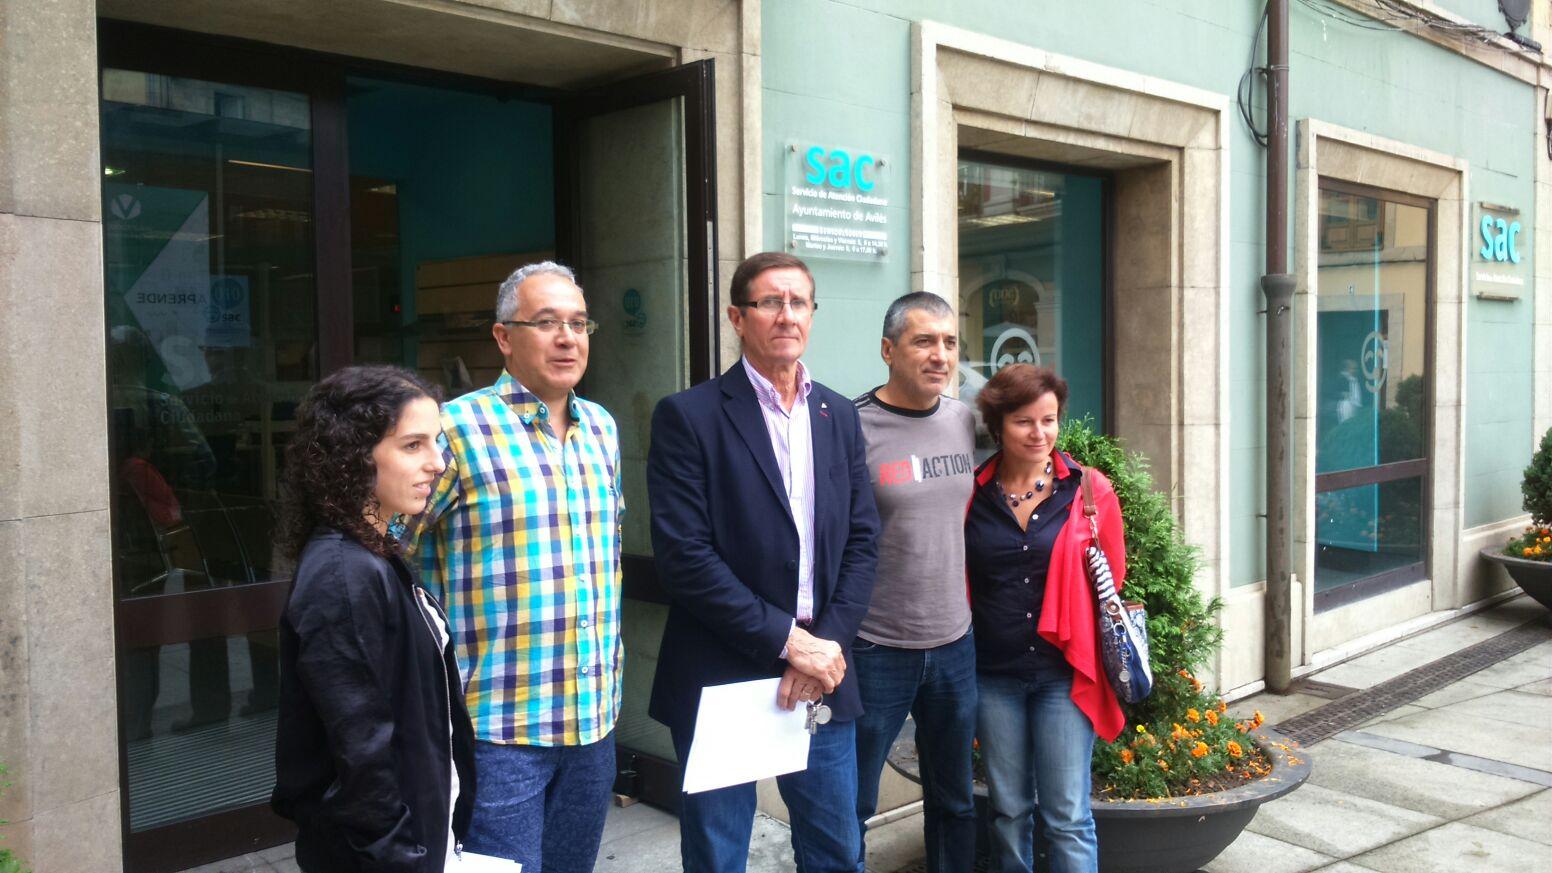 Concejalxs de Somos, Izquierda Unida y Ganemos ante el registro del Ayuntamiento de Avilés